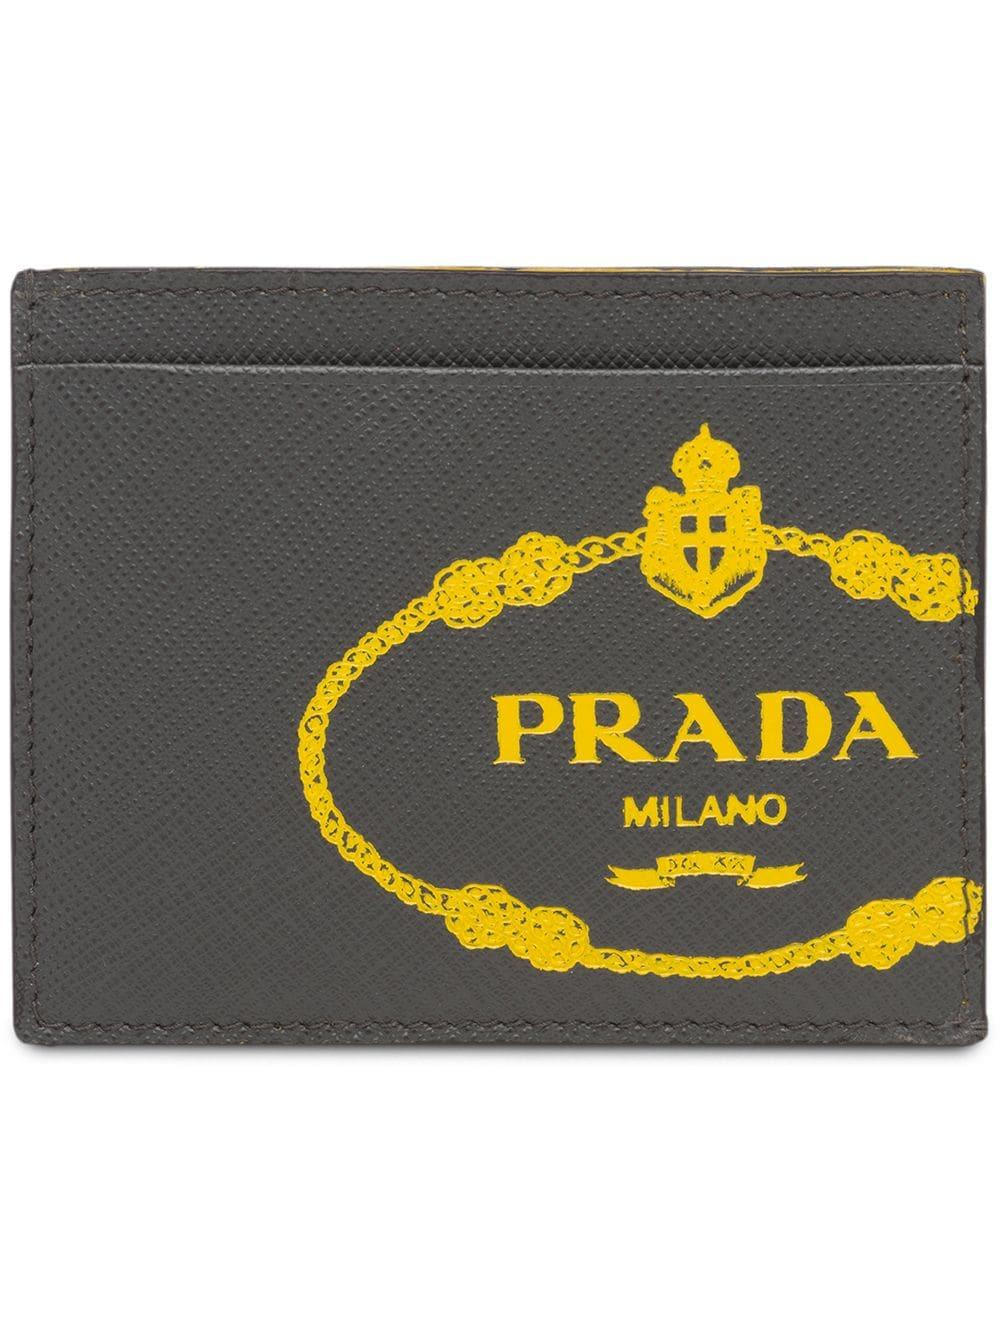 7998bd243a2b03 Prada Saffiano Leather Credit Card Holder - Grey | ModeSens